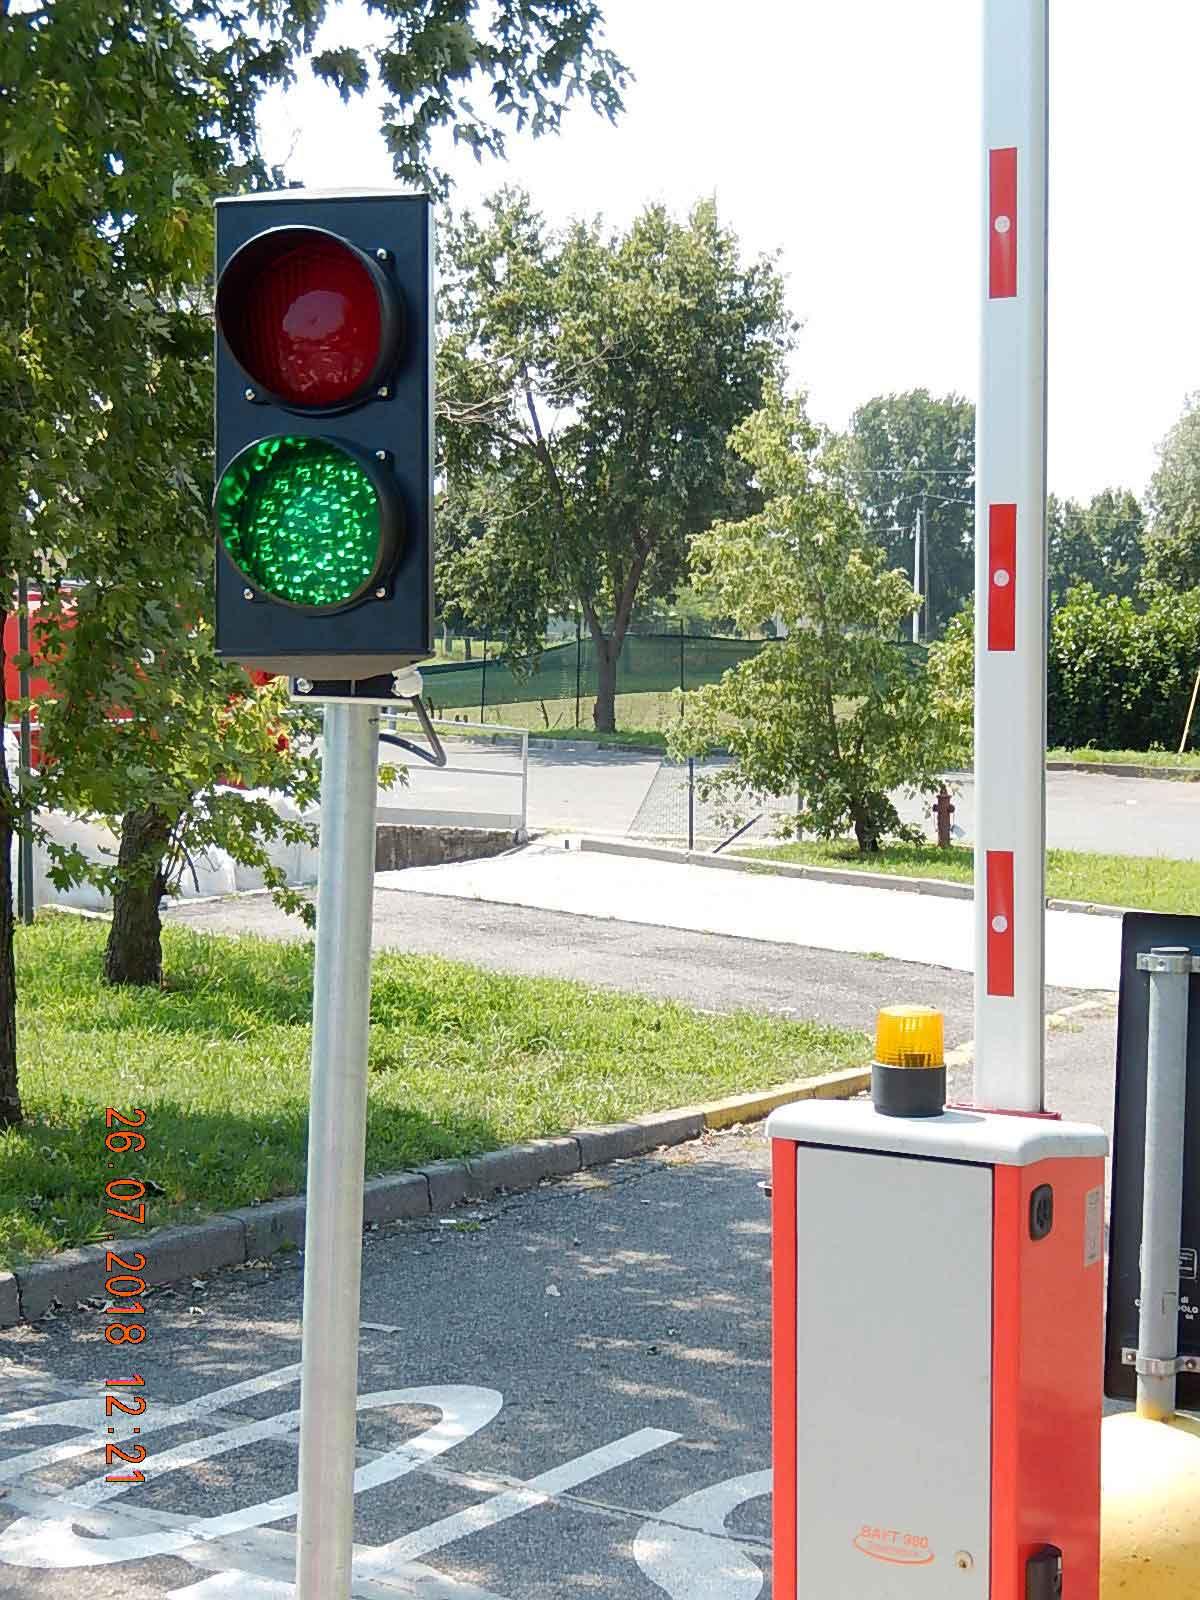 Avviso importante per i cittadini di Castenedolo! Dal lunedì 30 luglio un semaforo regolamenterà gli accessi al centro di raccolta.